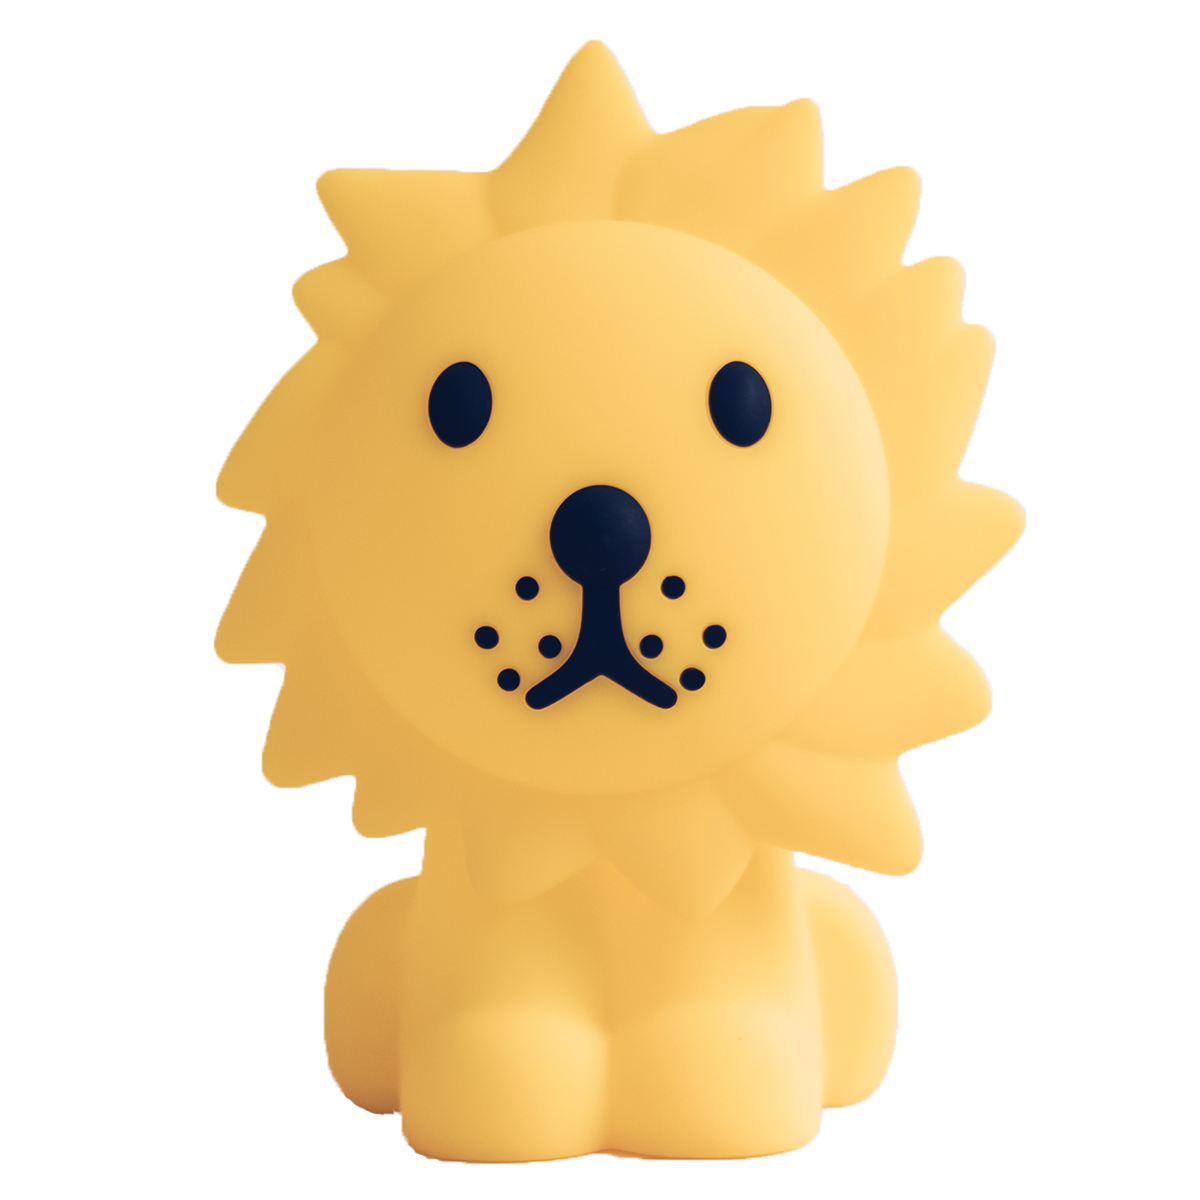 Veilleuse Veilleuse Lampe Lion First Light - Jaune Veilleuse Lampe Lion First Light - Jaune